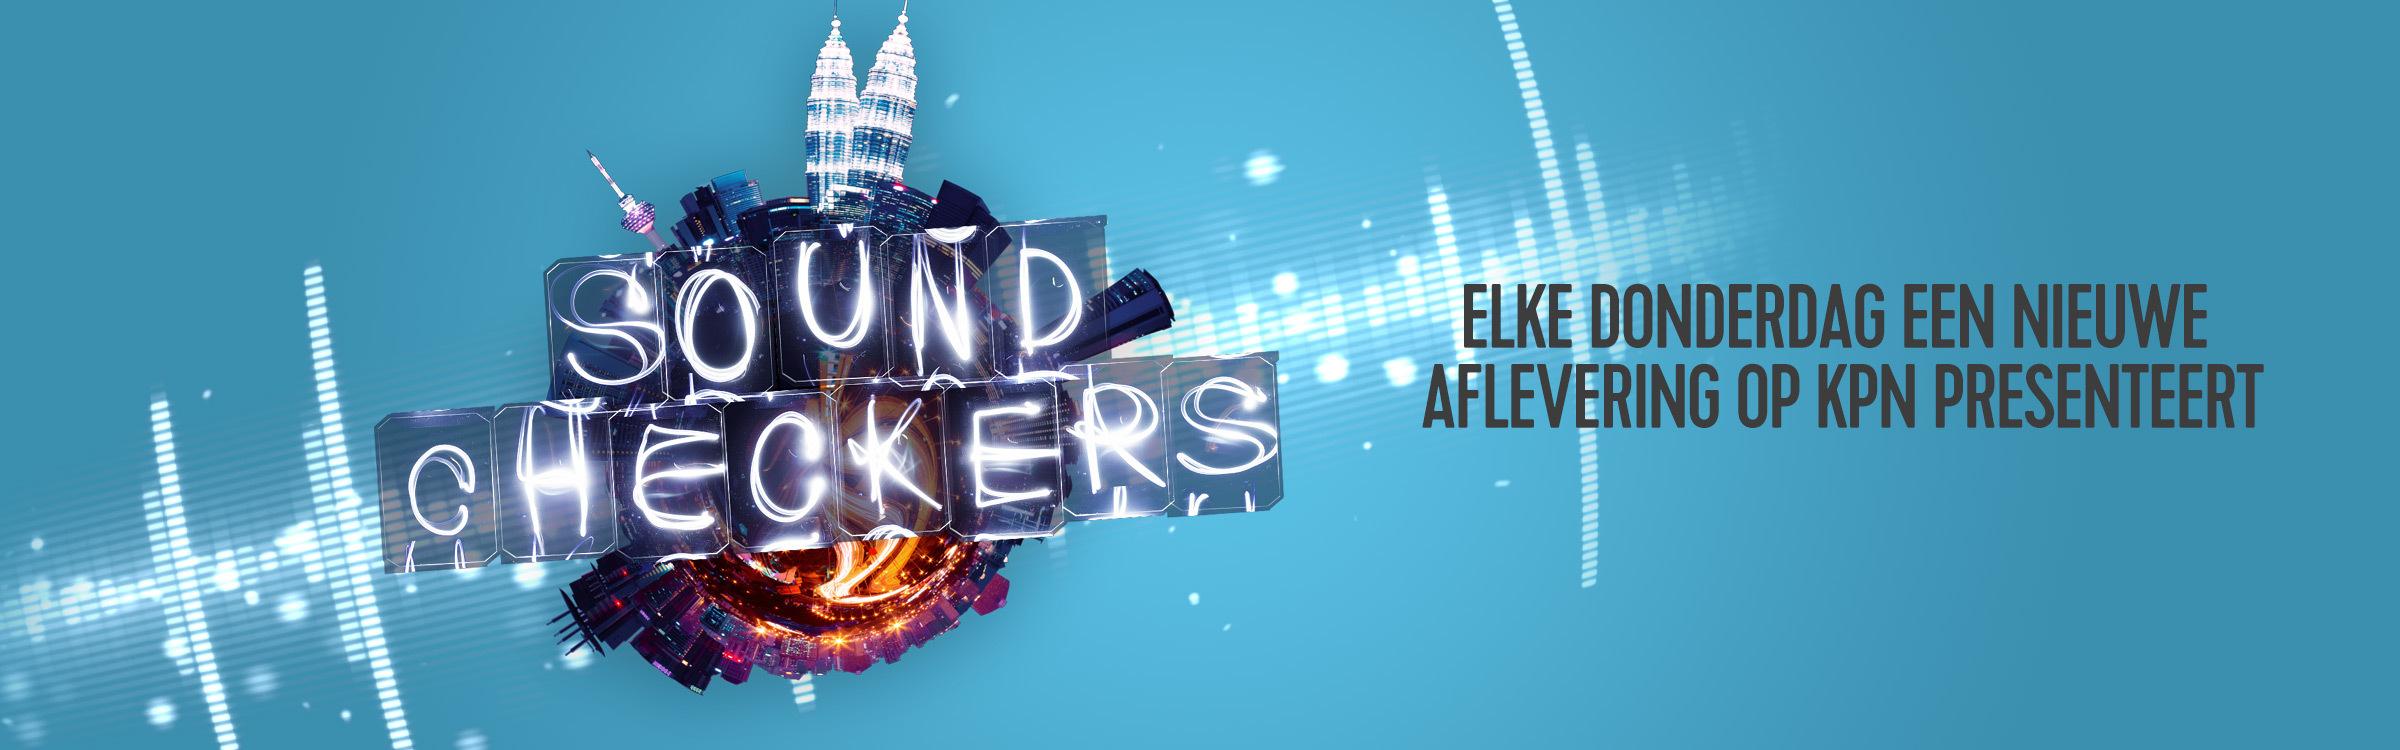 Qmusic actionheader soundcheckers